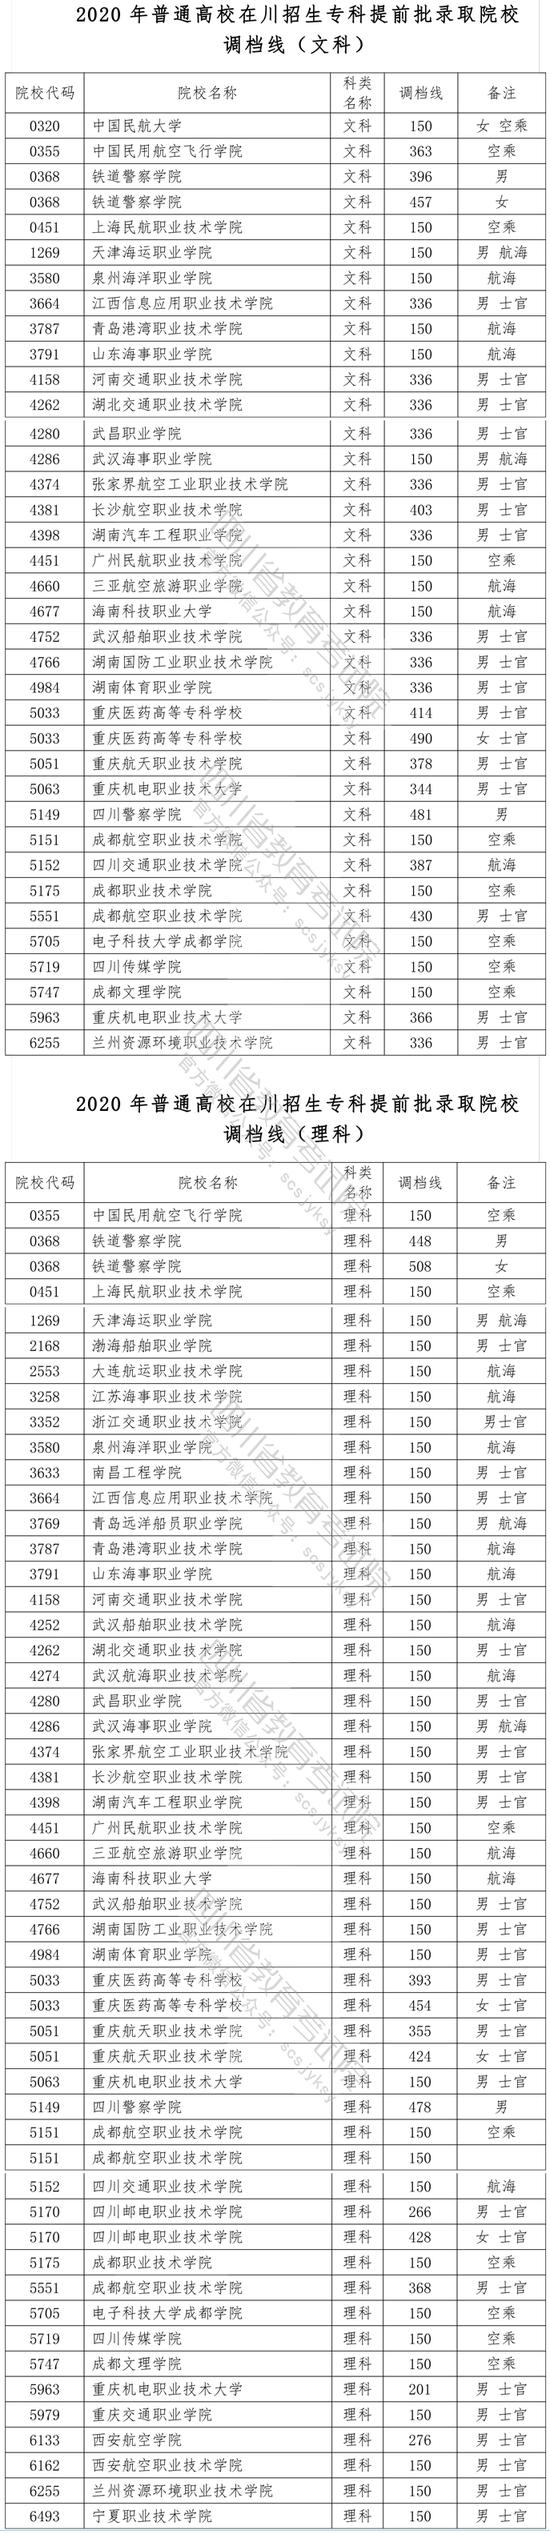 2020普通高校在四川招生专科提前批院校录取调档线